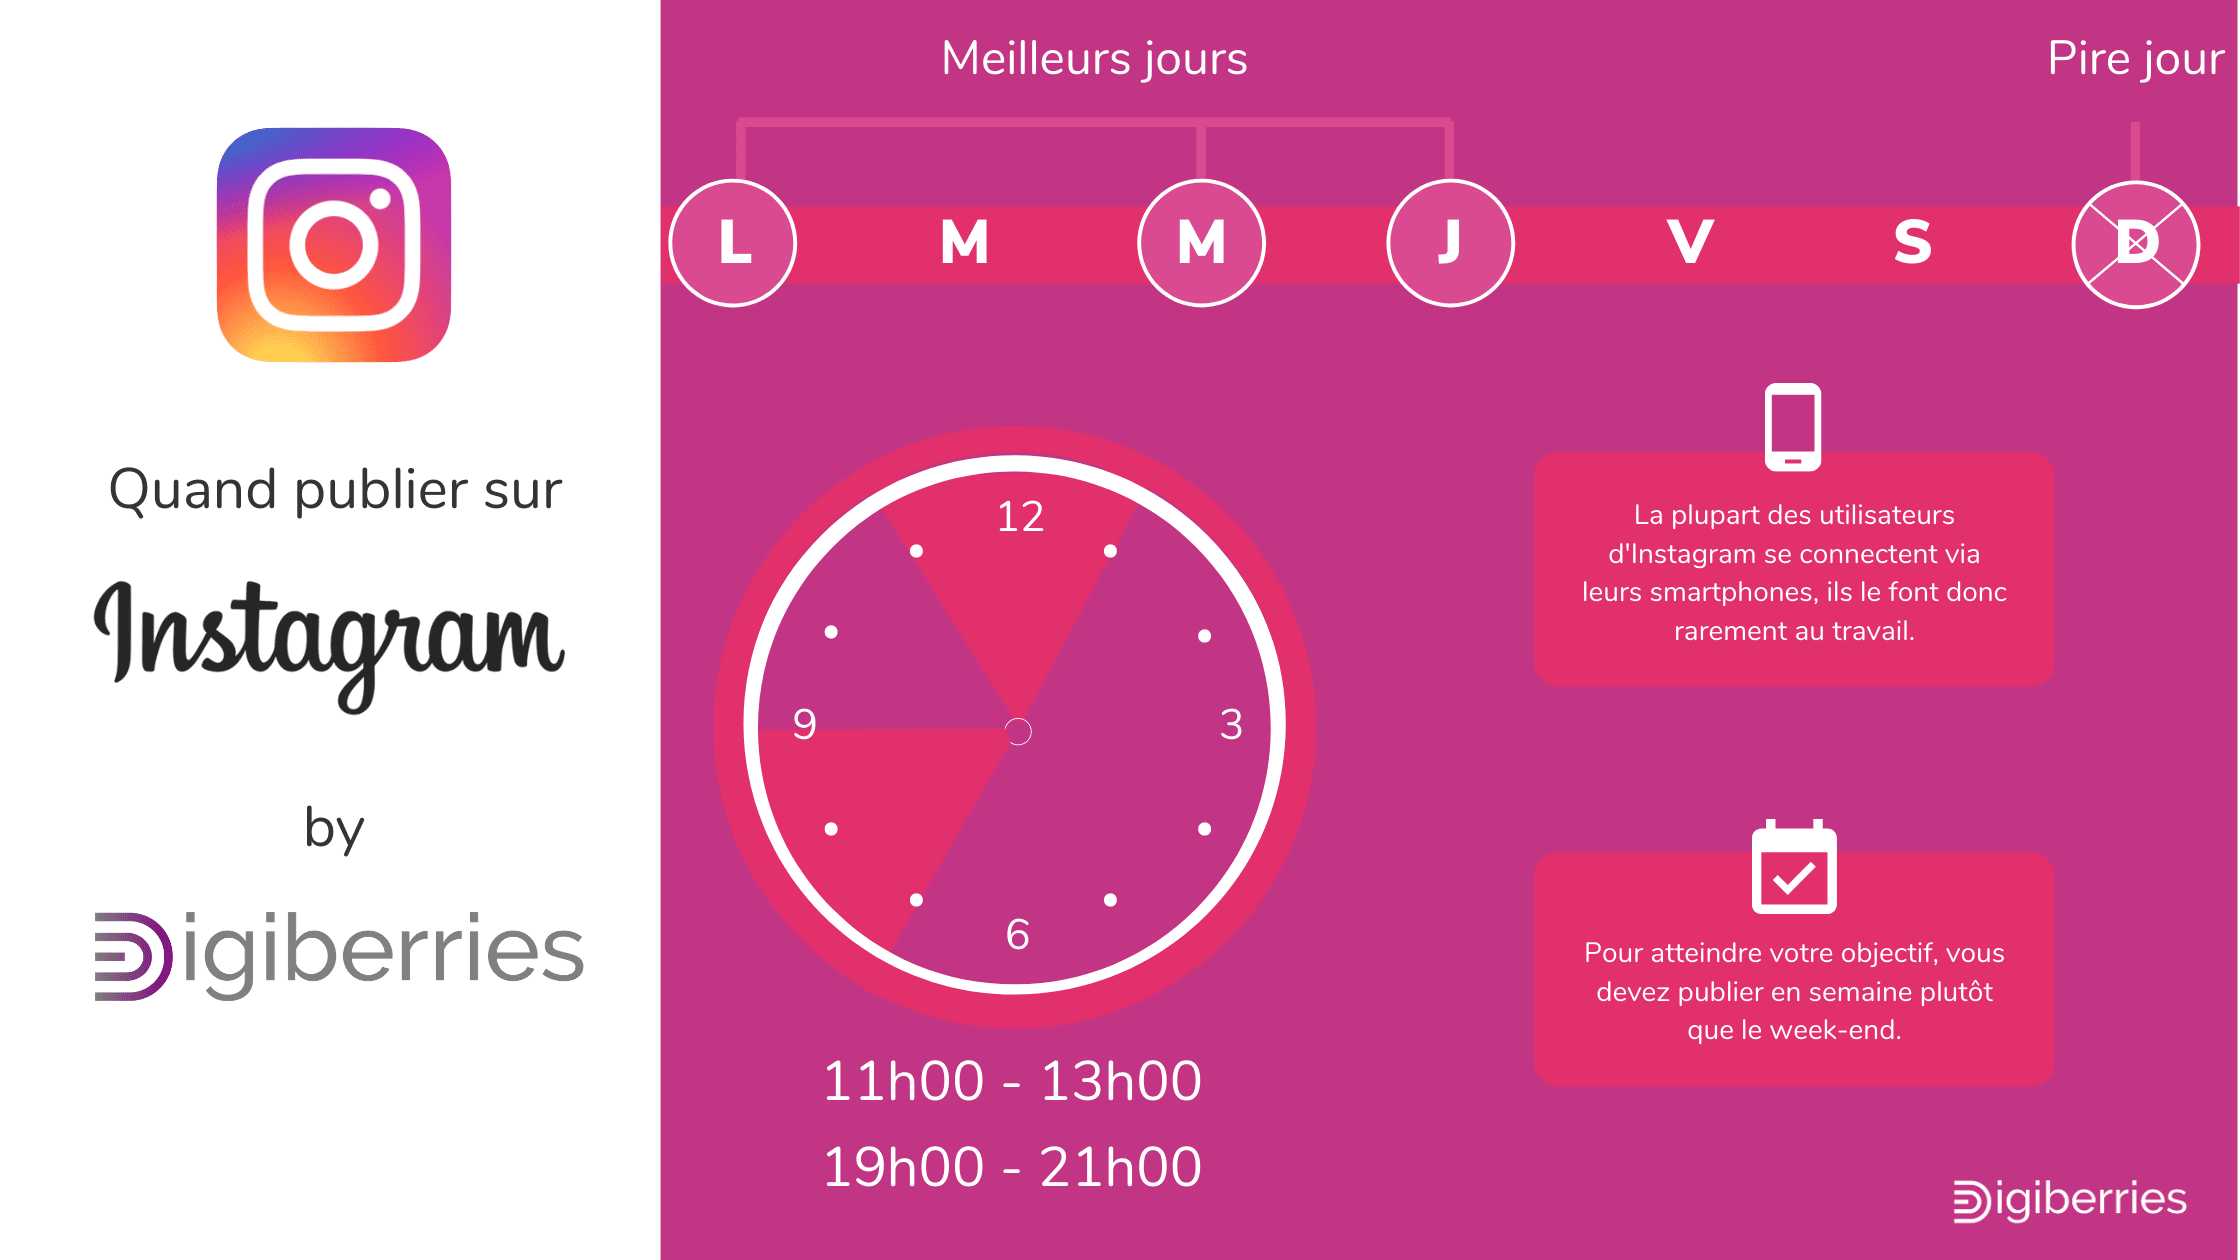 Image pour comprendre les fuseaux horaires pous poster sur Instagram